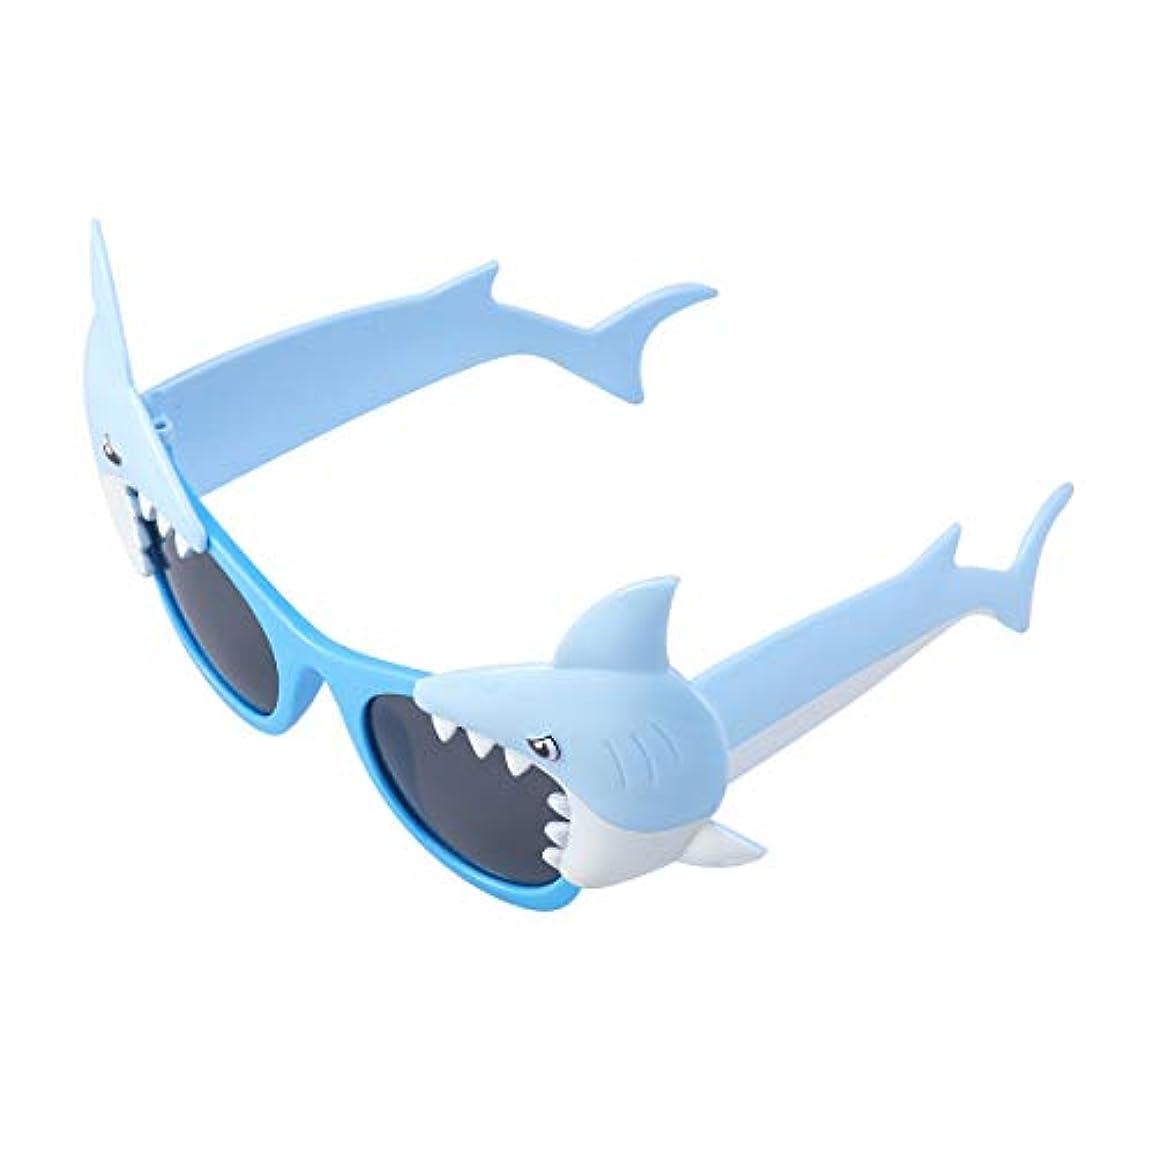 ちっちゃい破裂楽観BESTOYARD パーティーサングラスサメの形ノベルティおかしい眼鏡用仮装トリックパーティーコスチューム小道具